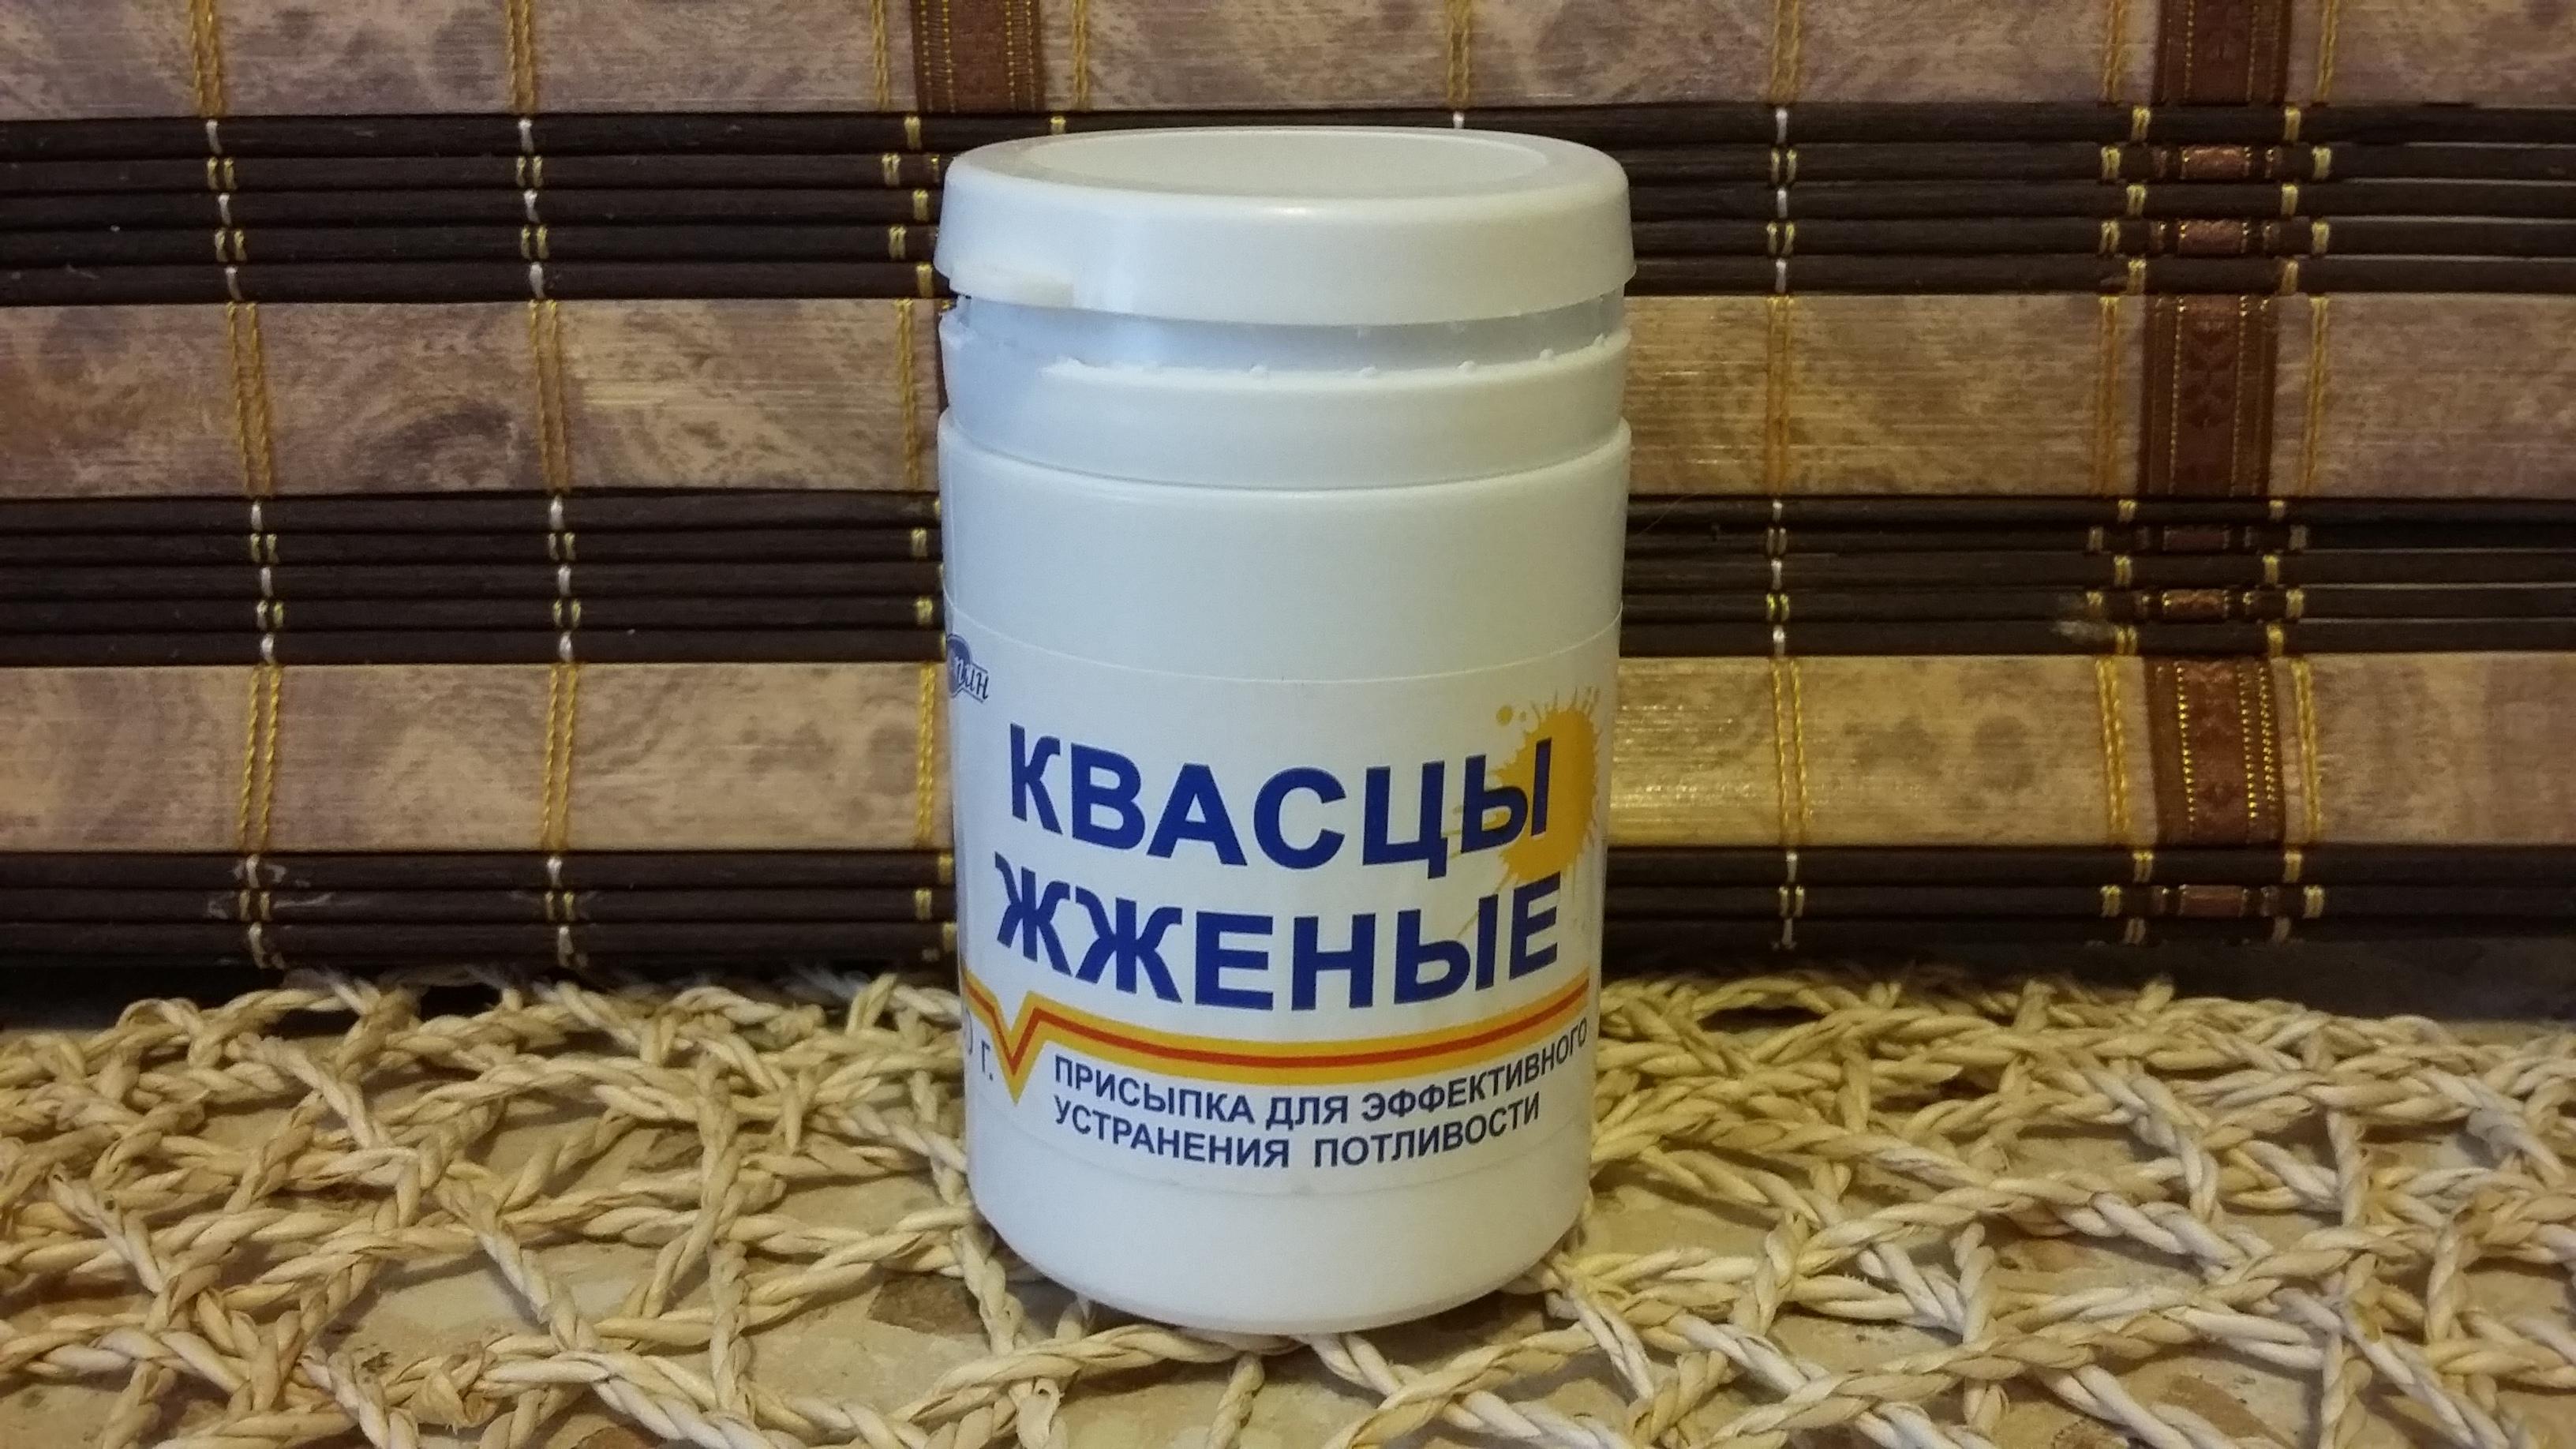 Алюмокалиевые квасцы - как применяются в медицине и для защиты от пота, польза и стоимость в аптеке